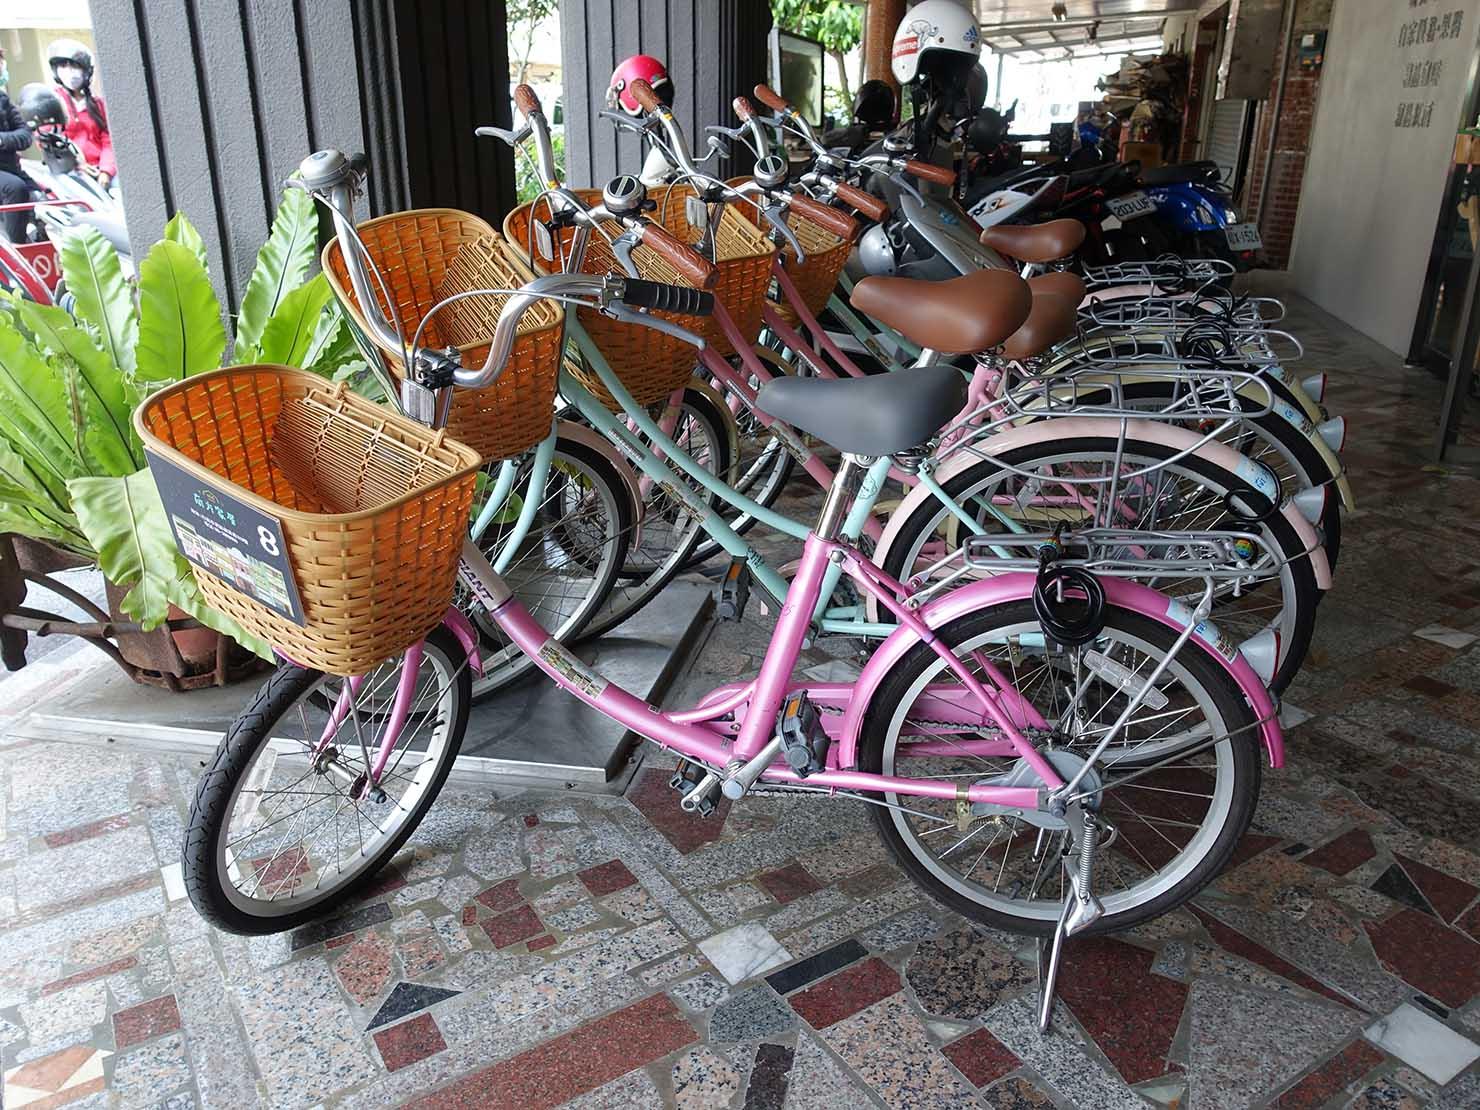 台南駅徒歩10分のかわいいデザインホテル「南方家屋 Old School」のレンタサイクル